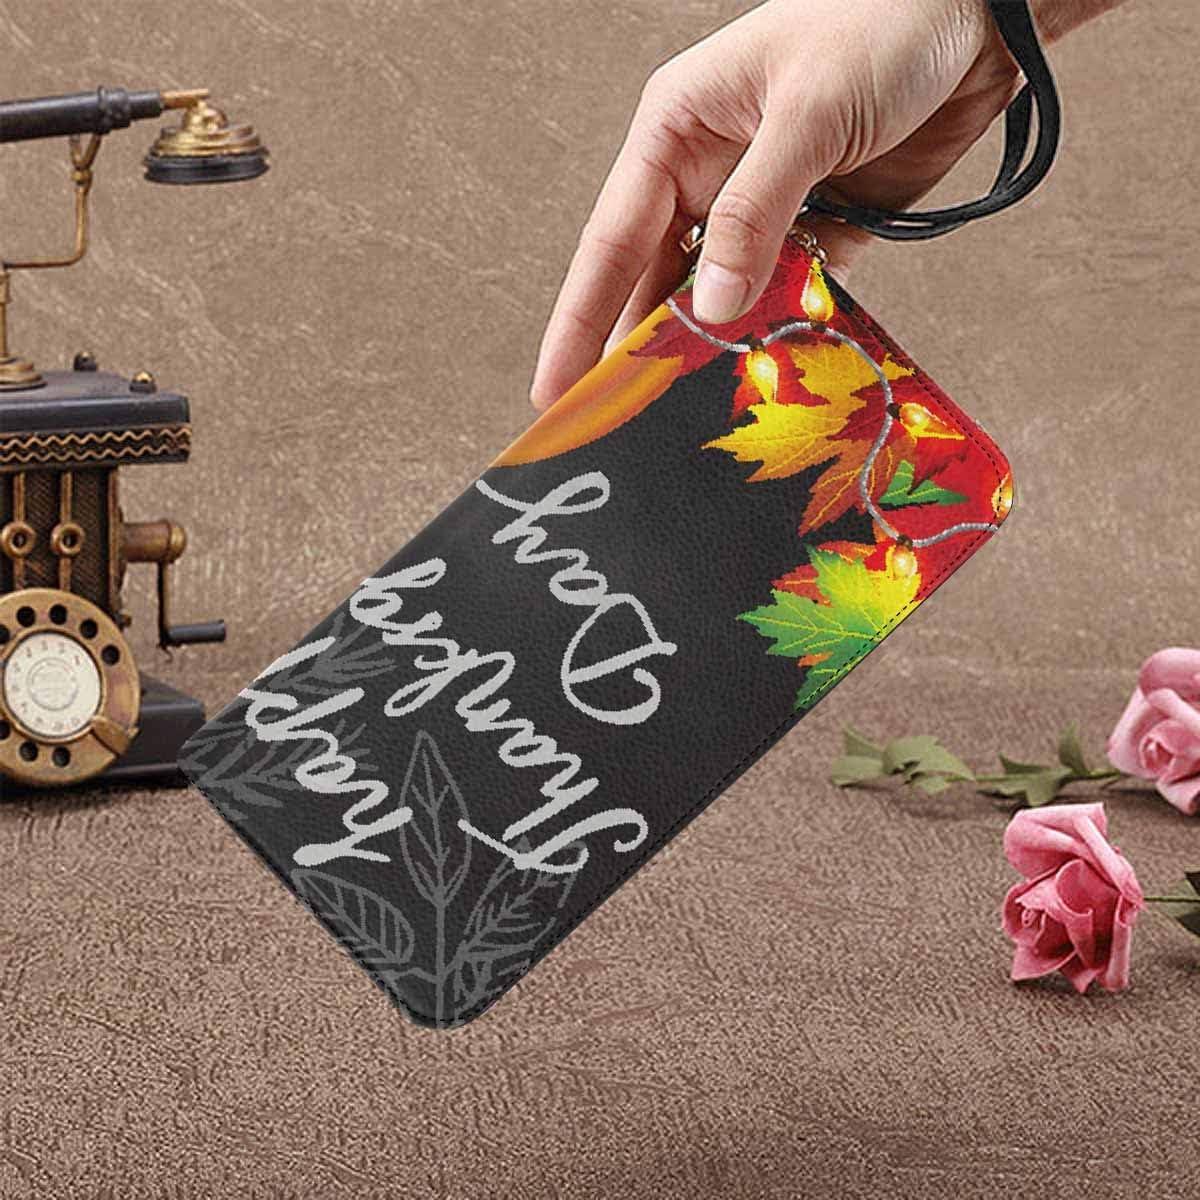 InterestPrint Womens Autumn Melody Clutch Purse Card Holder Organizer Ladies Purse